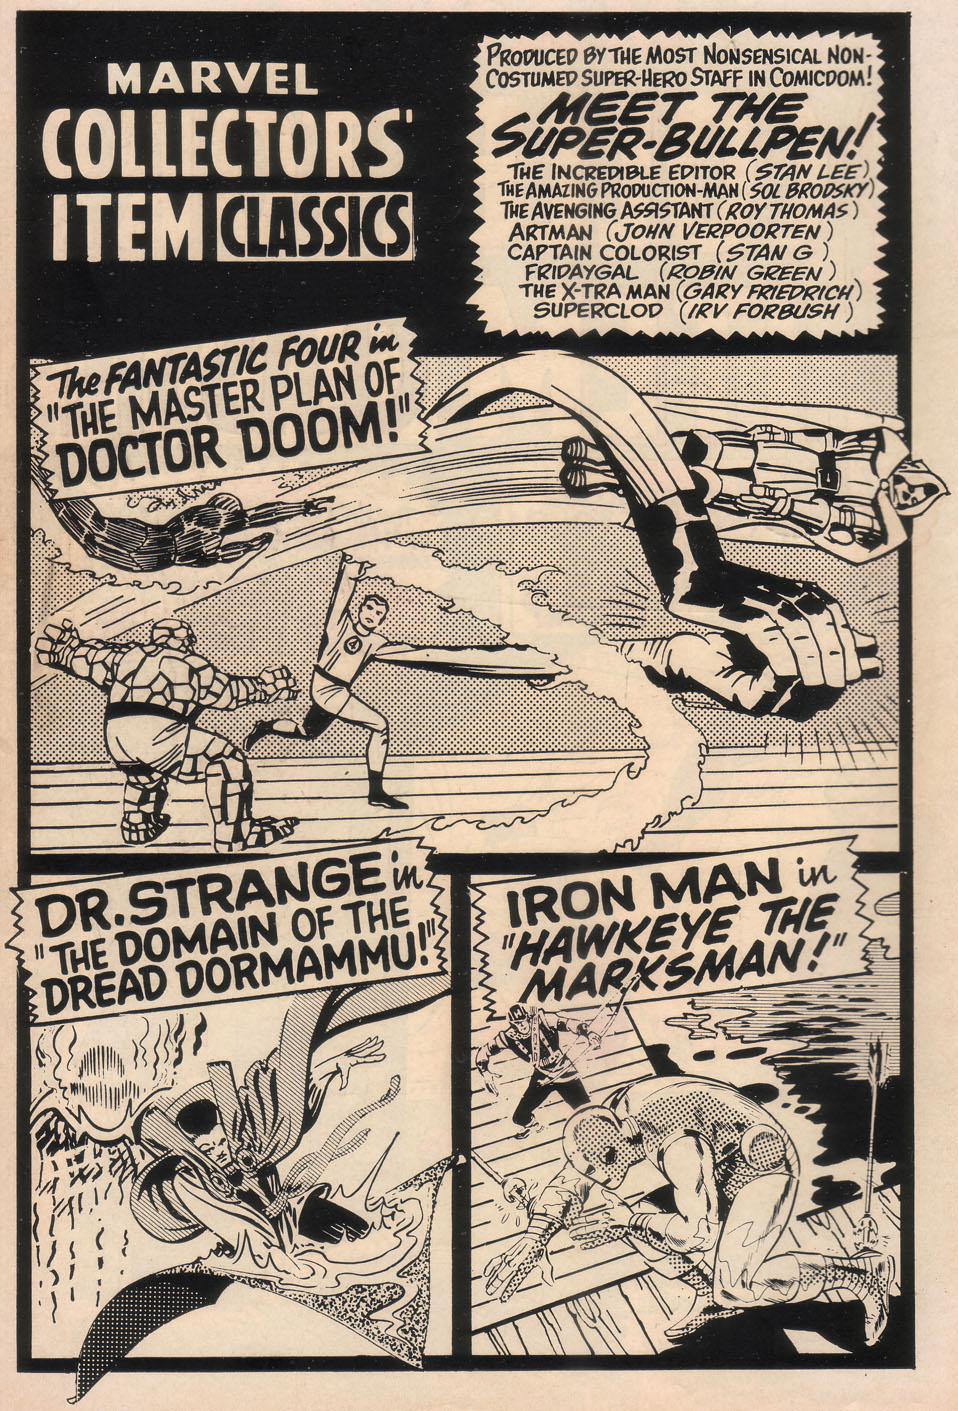 Marvel Collectors Item Classics 17 Page 2